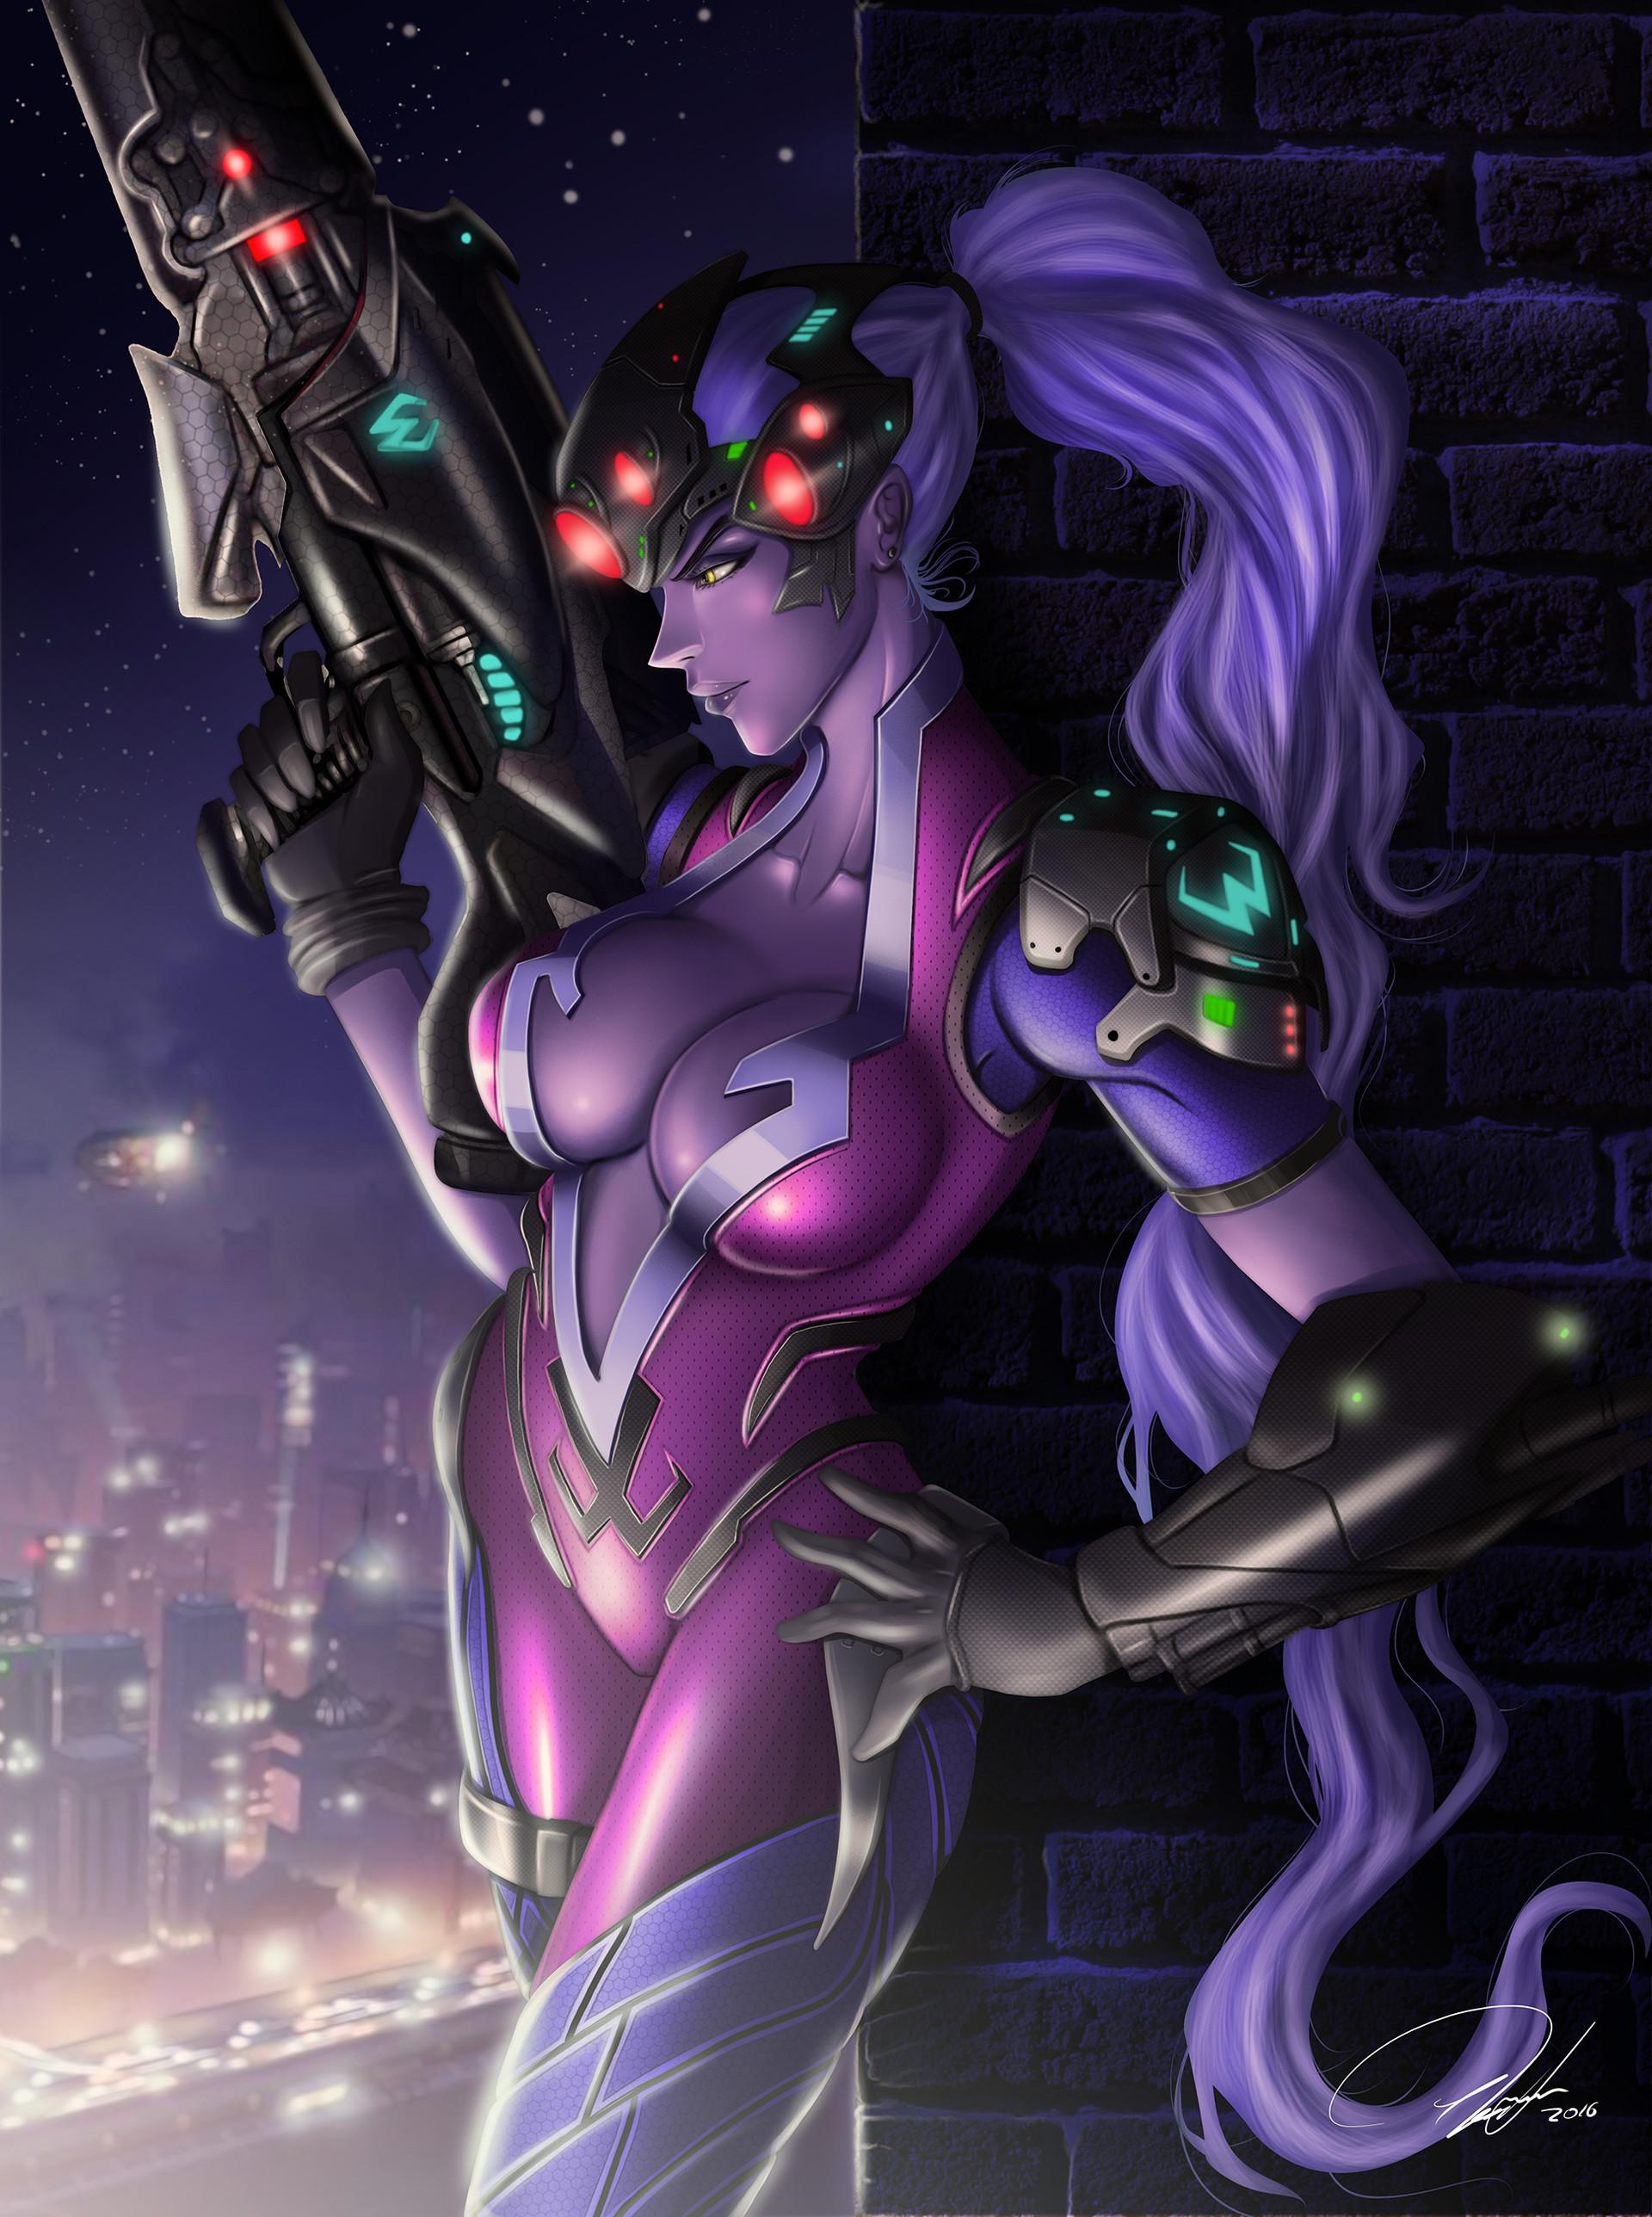 Sexy Widowmaker